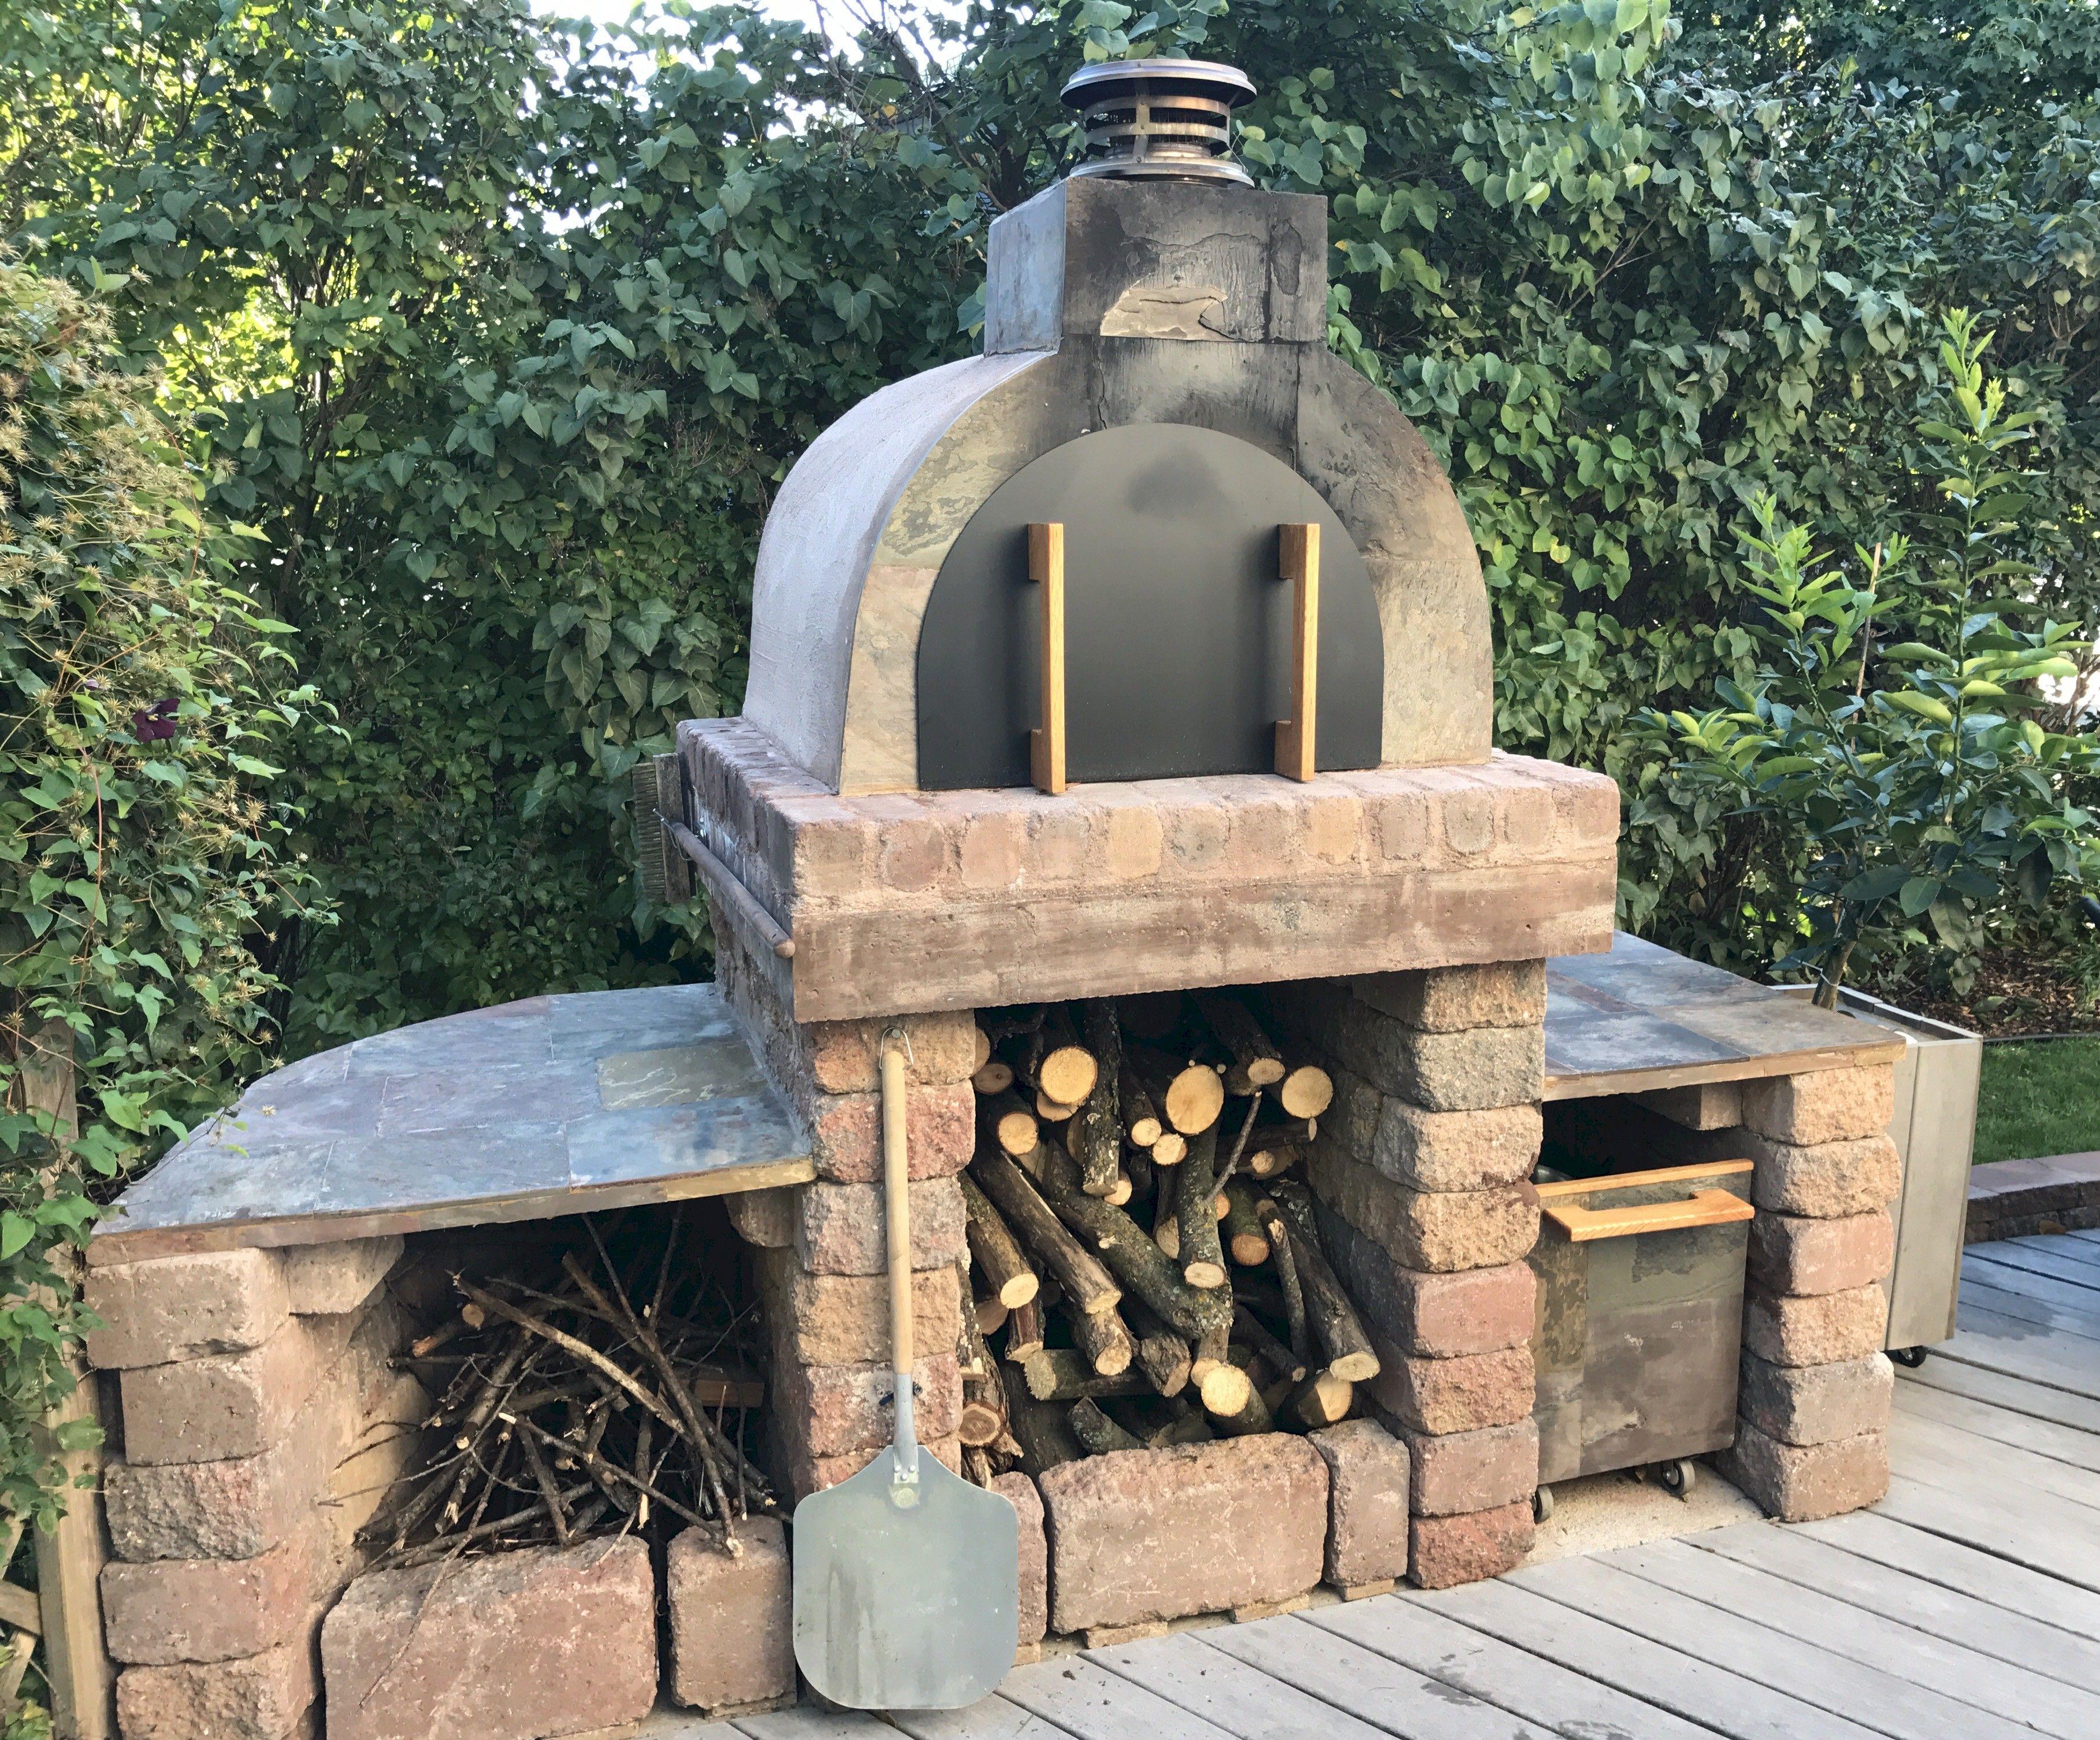 Diy brick oven schumack brick pizza oven outdoor